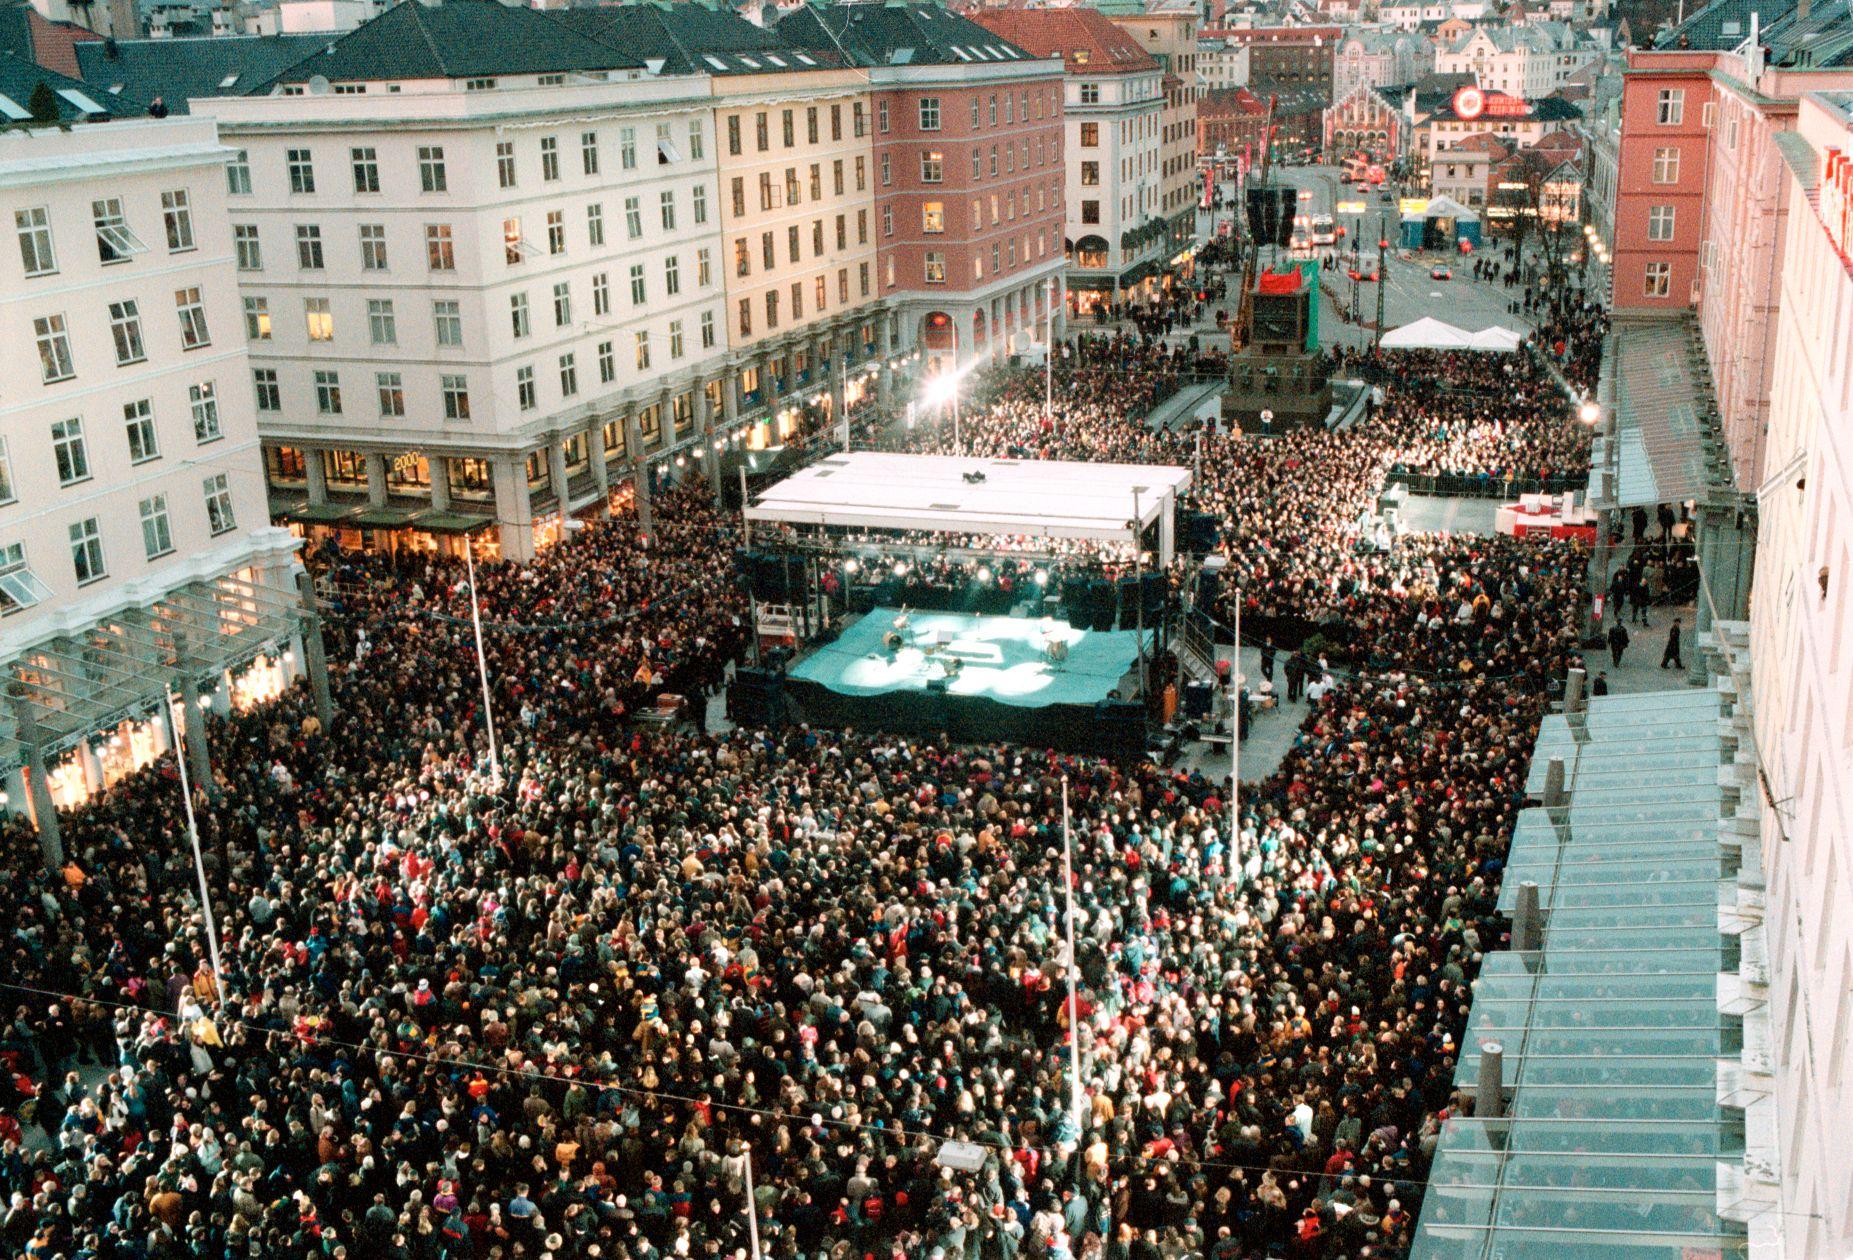 MÅ UTENFOR BERGEN: Vi bør bruke kulturbyåret til noe mye mer enn en byintern mønstring, skriver reiselivsdirektør Anders Nyland.